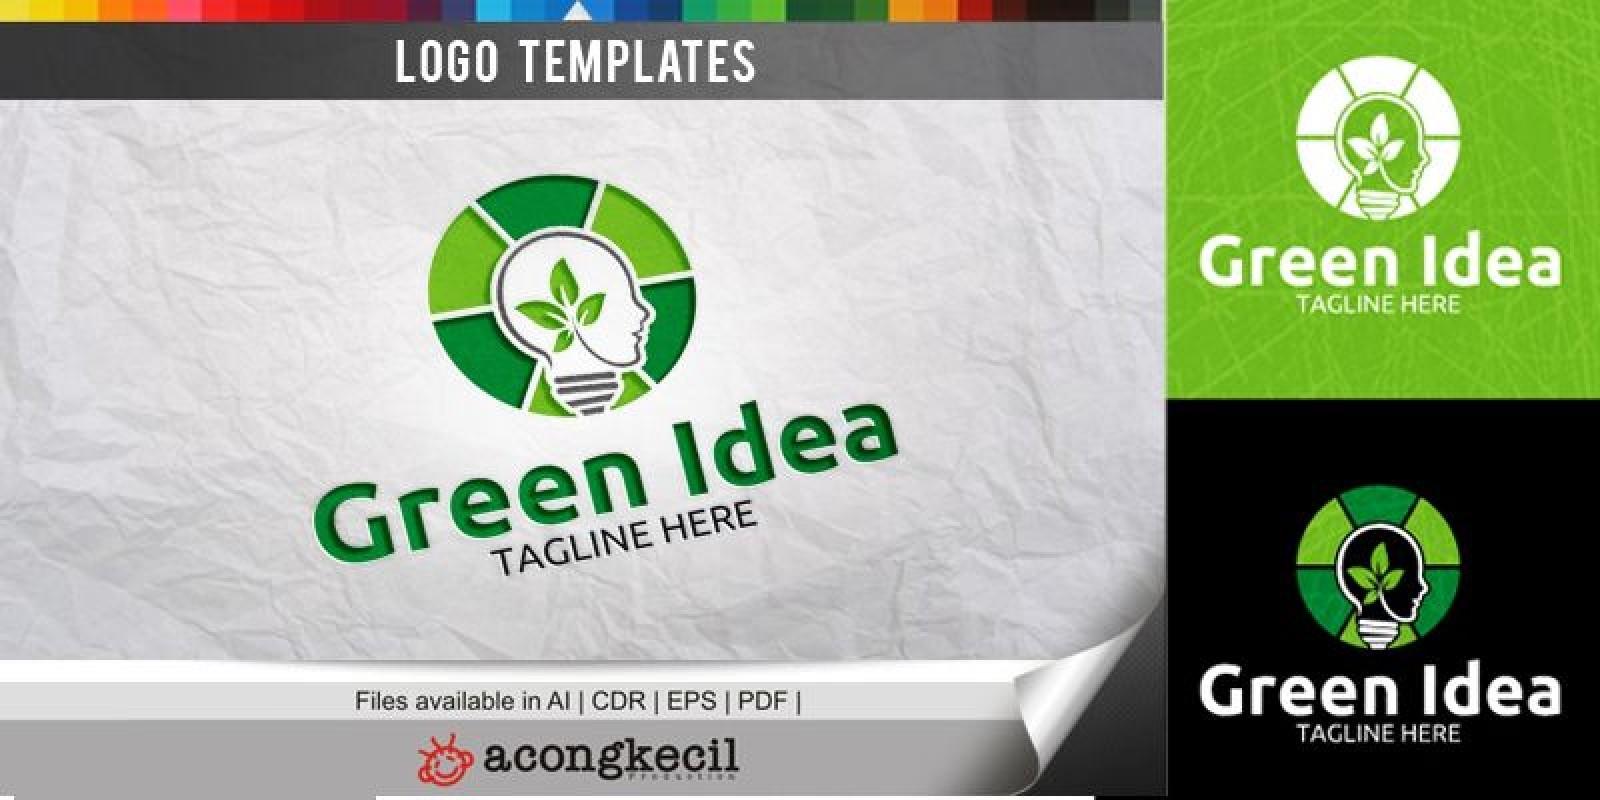 Green Idea - Logo Template